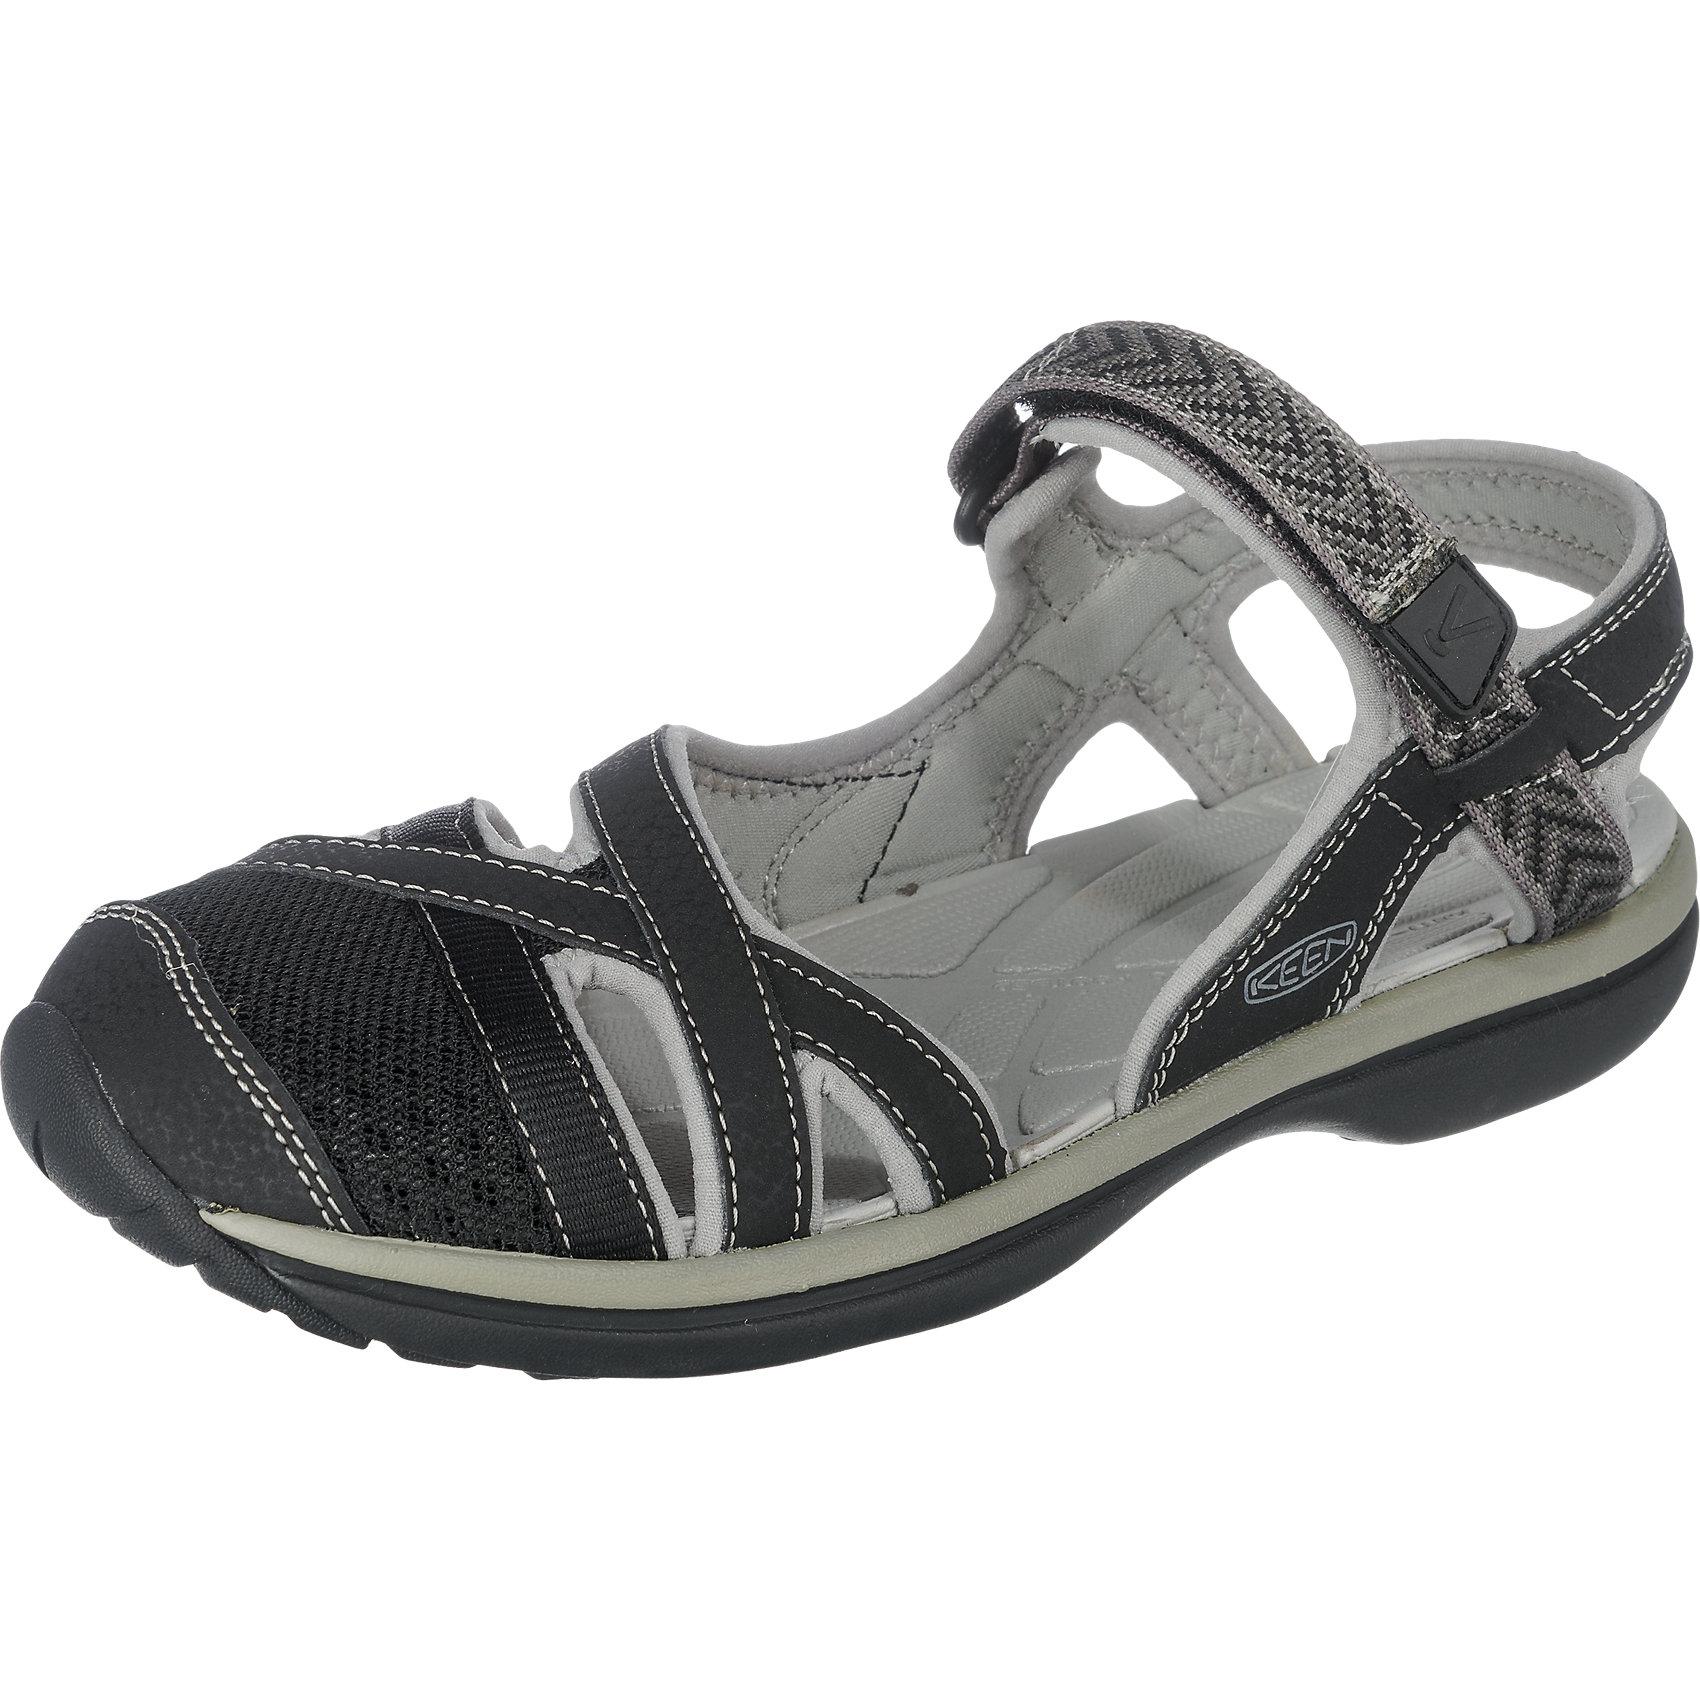 competitive price b7c5b 3b9e1 Details zu Neu KEEN Sage Ankle Outdoor Sandalen 5770474 für Damen schwarz